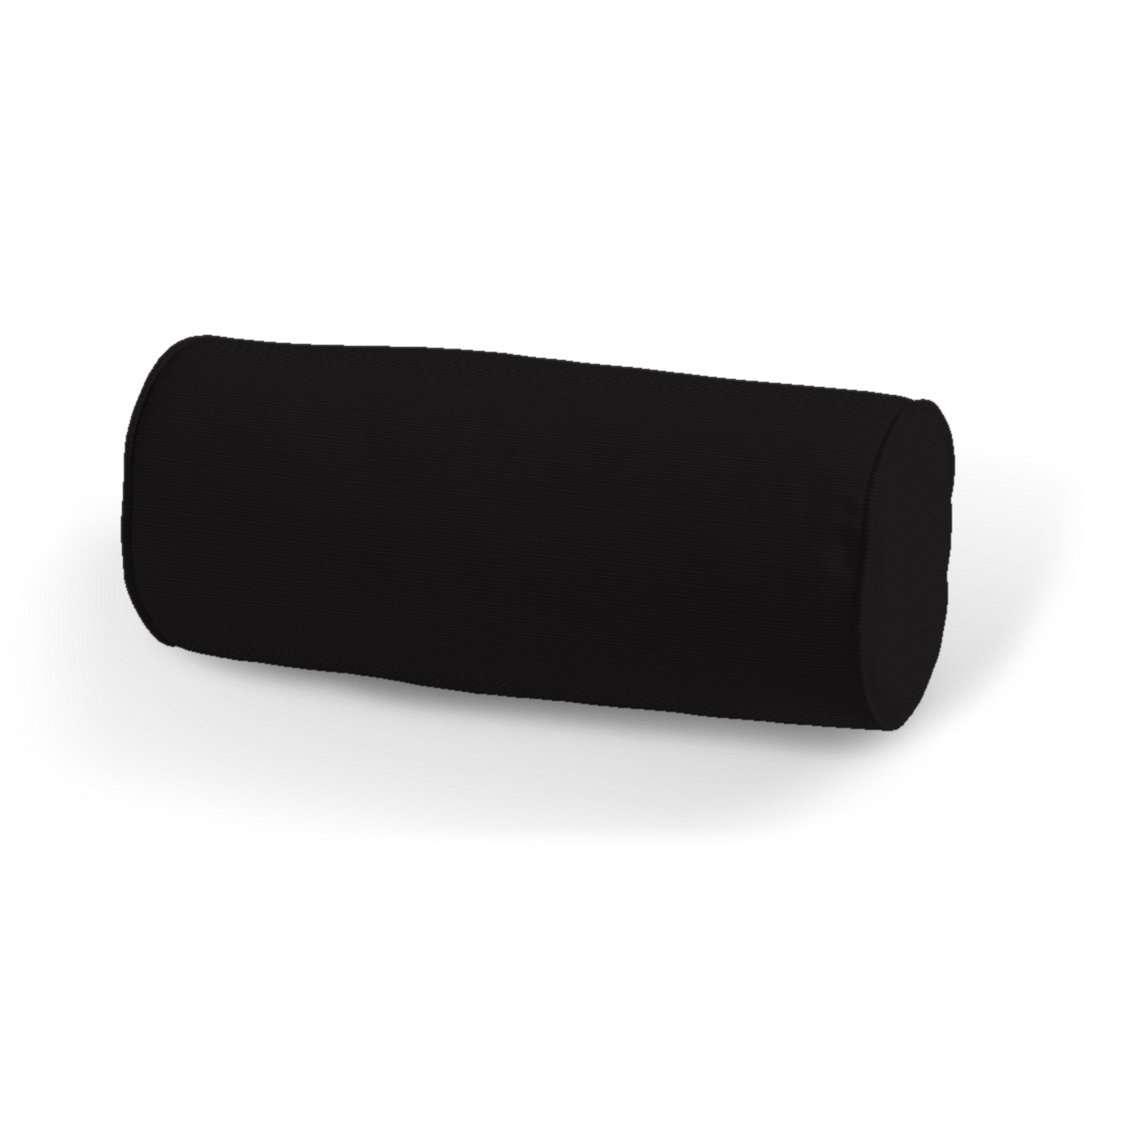 Ritinio formos  pagalvėlė Ø 16 x 40 cm (6 x 16 inch) kolekcijoje Cotton Panama, audinys: 702-09